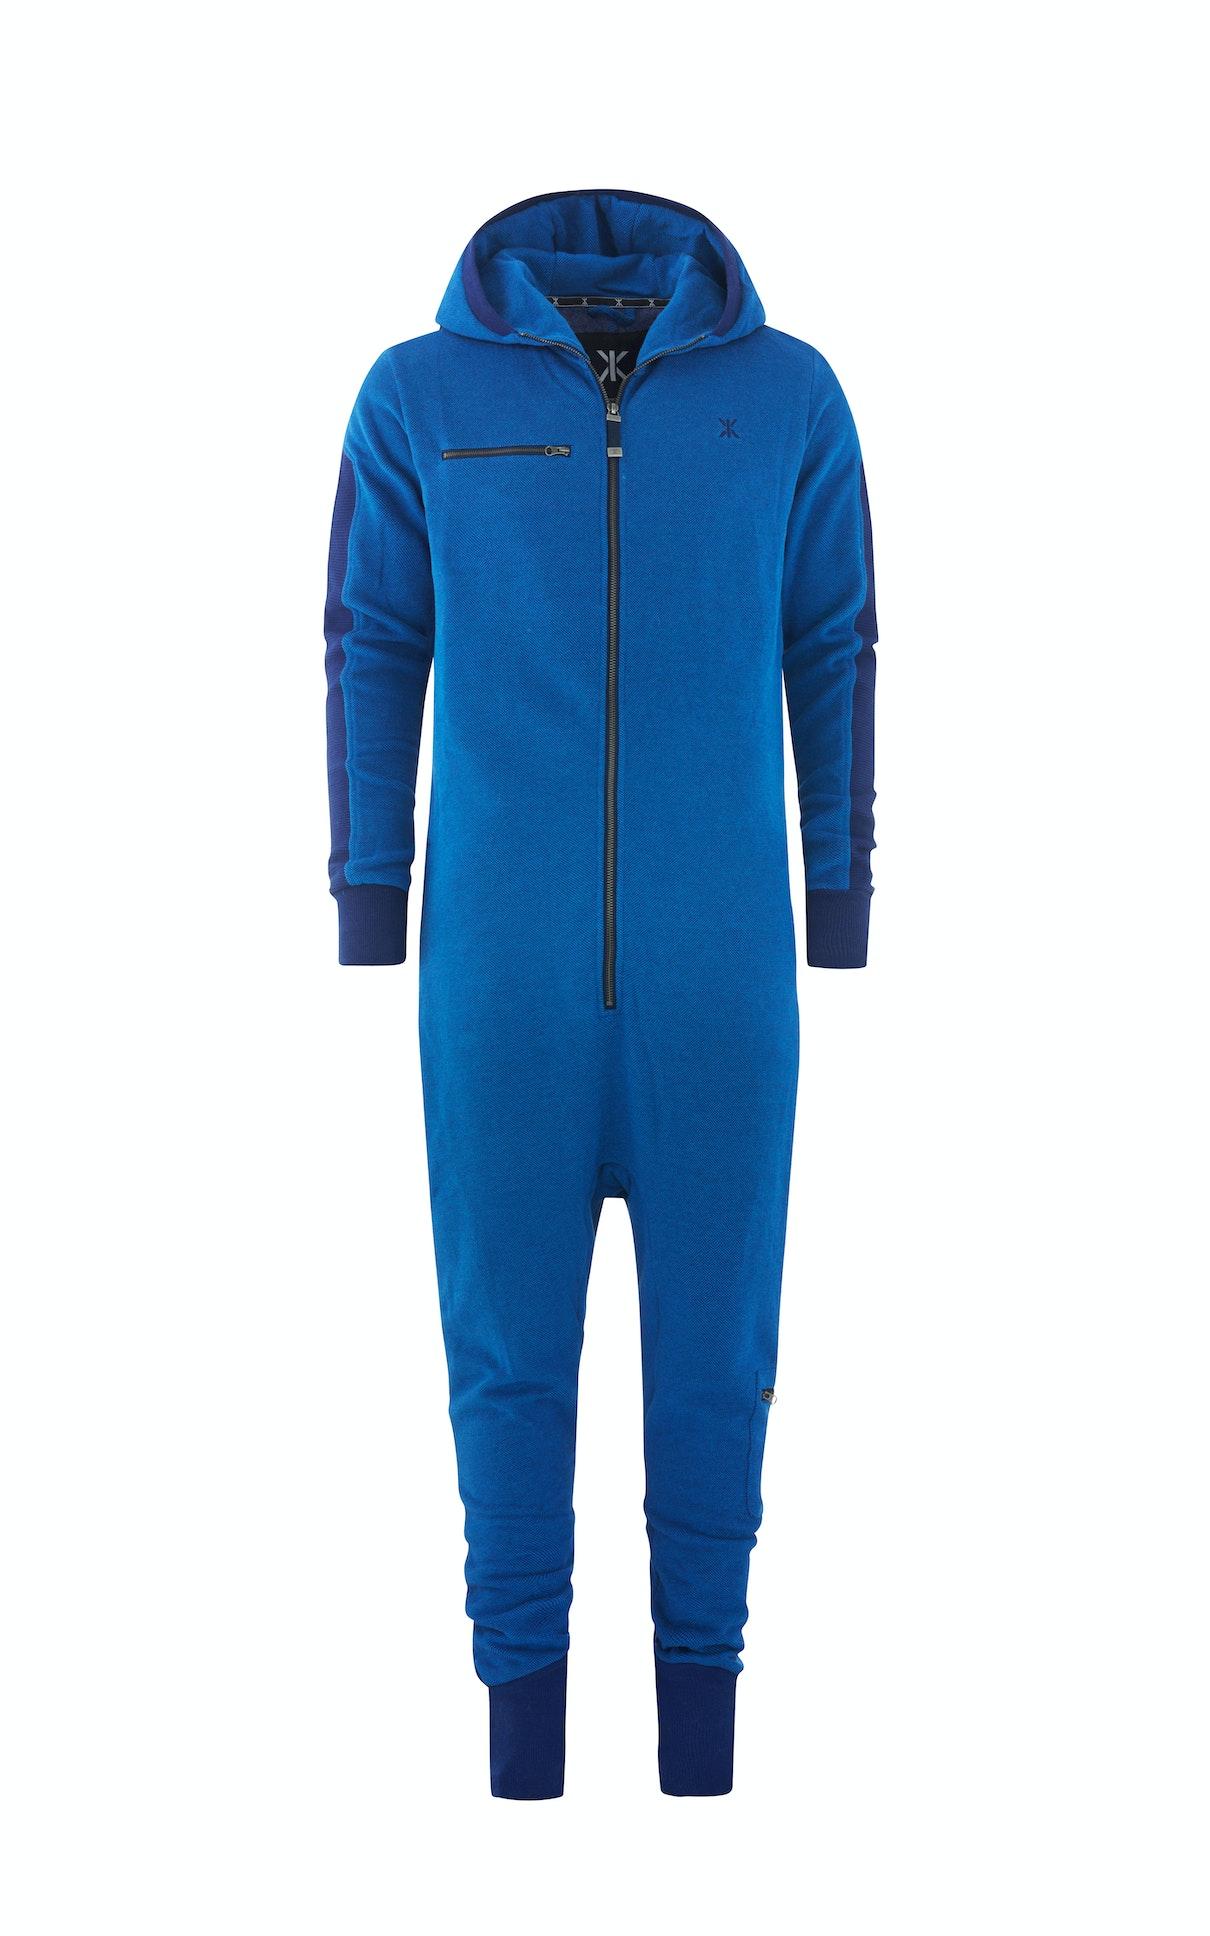 slow jumpsuit depth blue melange onesie onepiece. Black Bedroom Furniture Sets. Home Design Ideas